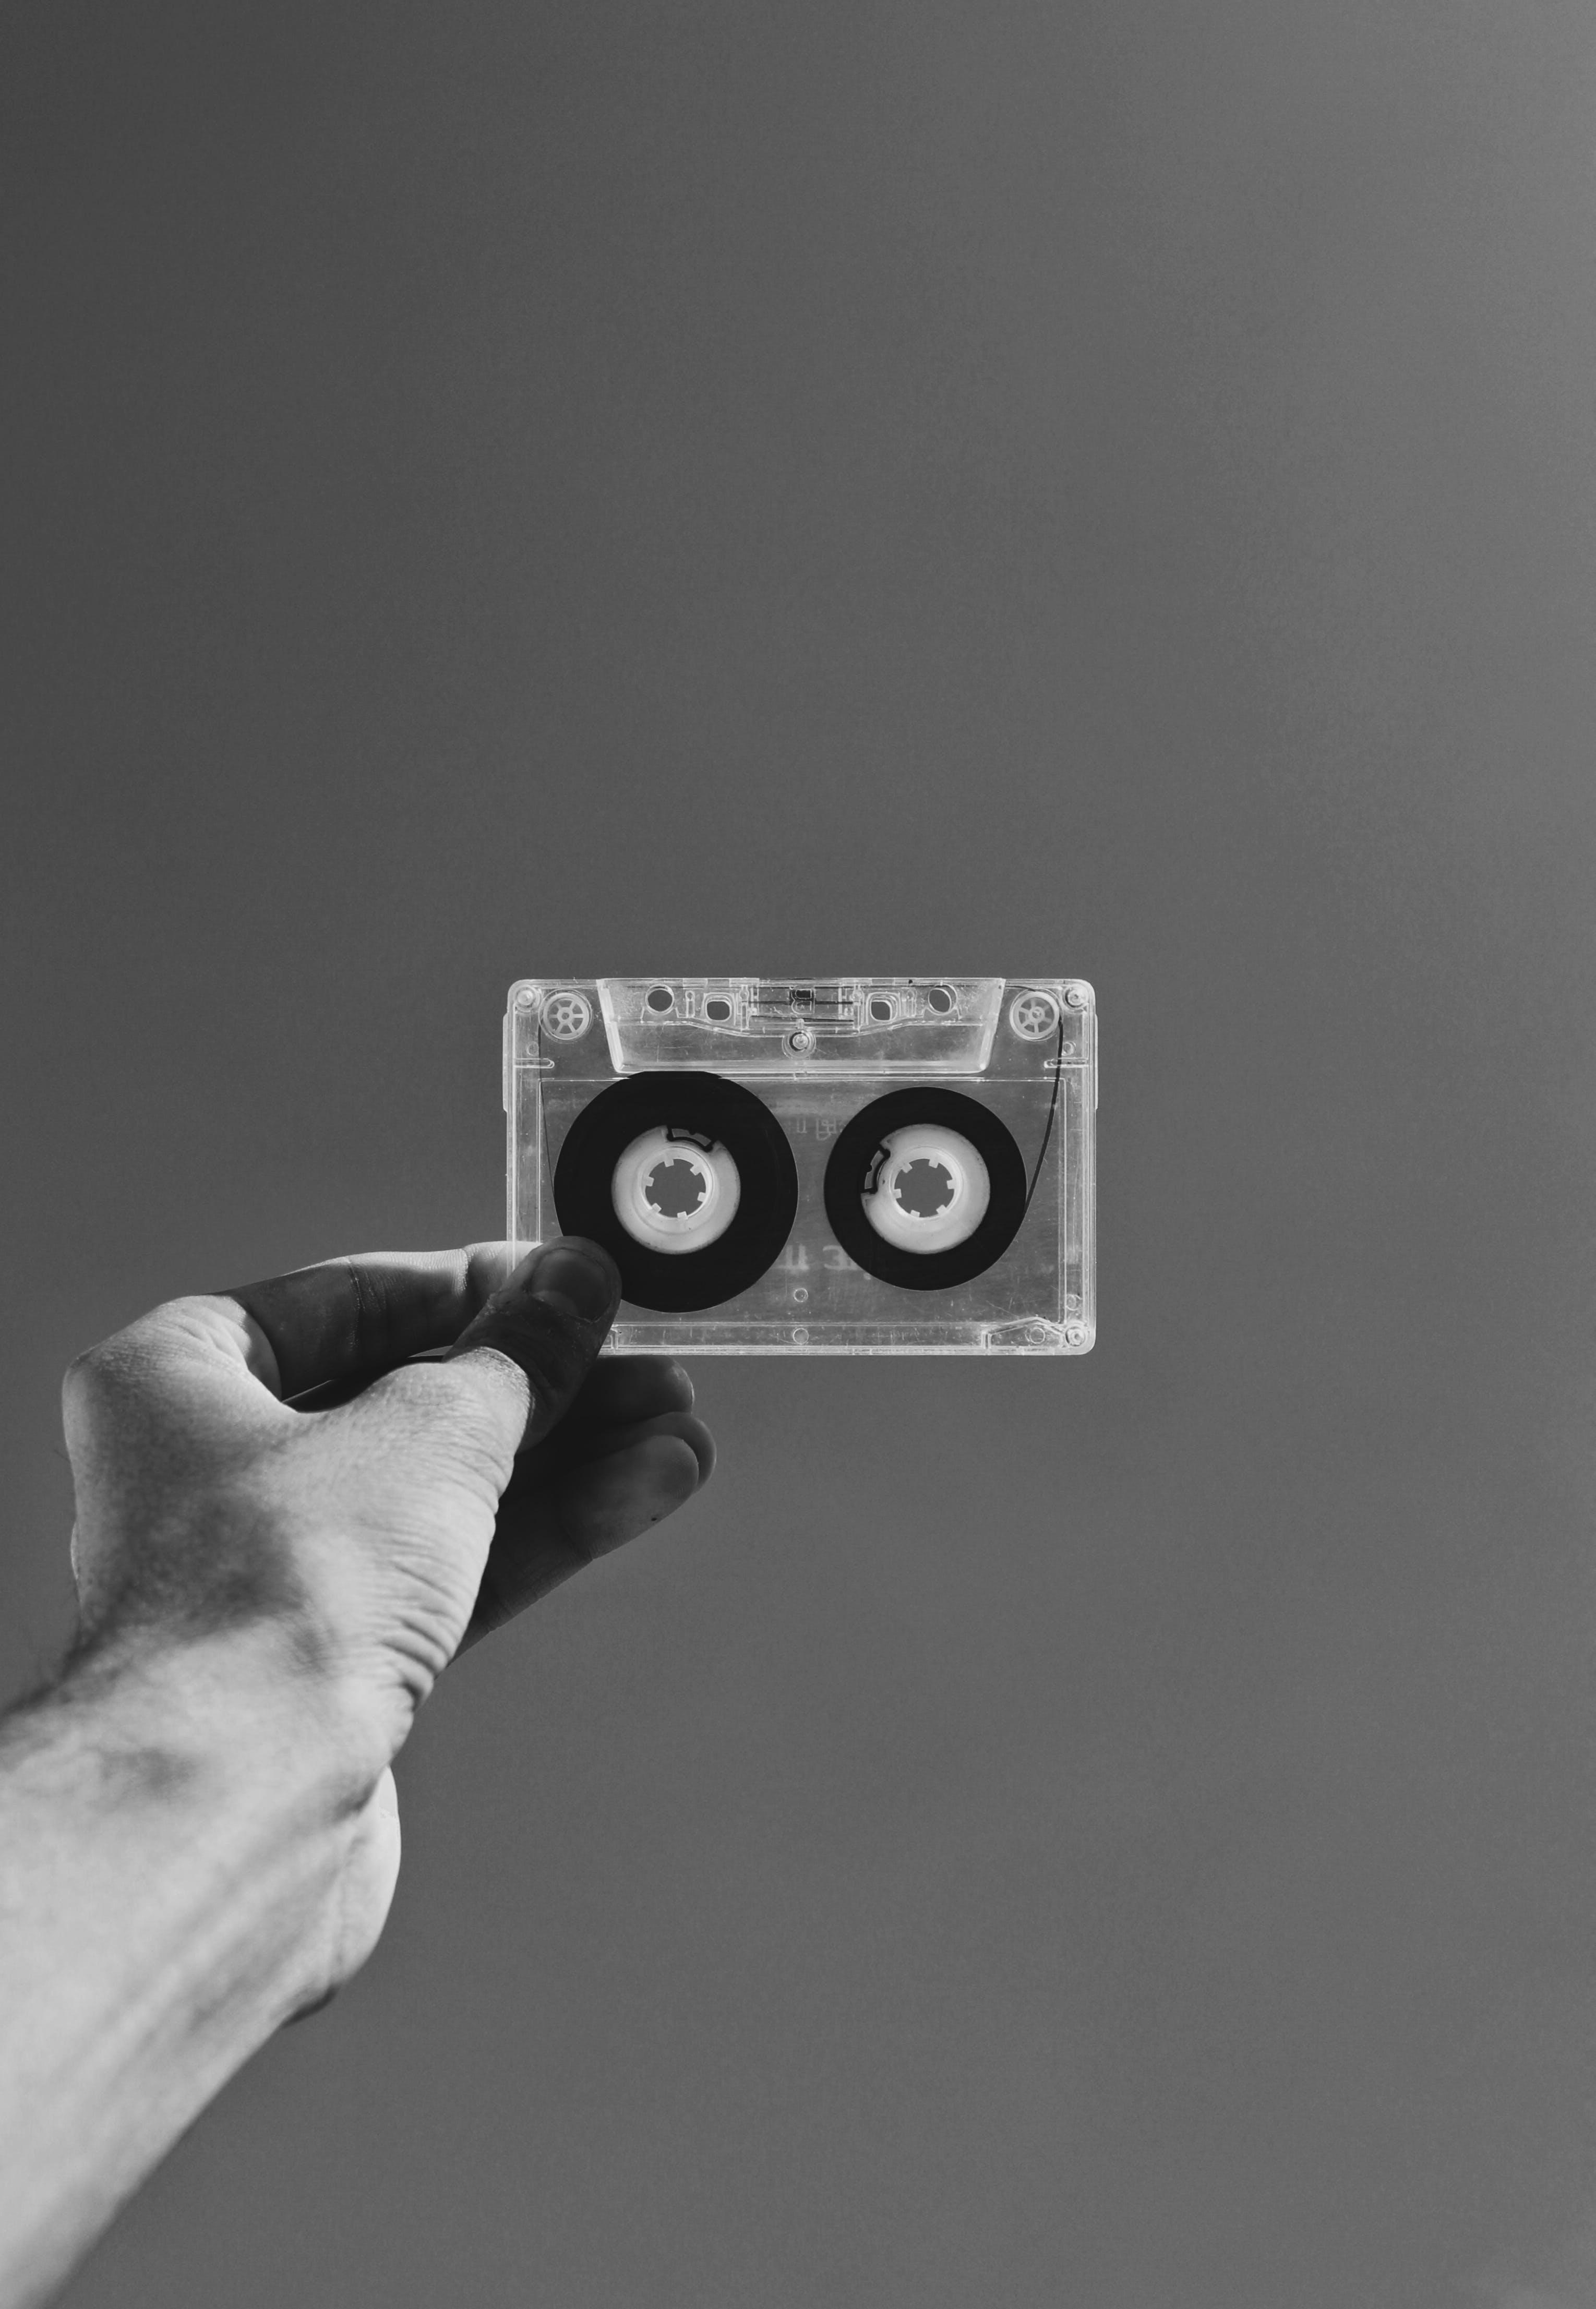 Gratis lagerfoto af årgang, gråtoneskala, hånd, kassettebånd